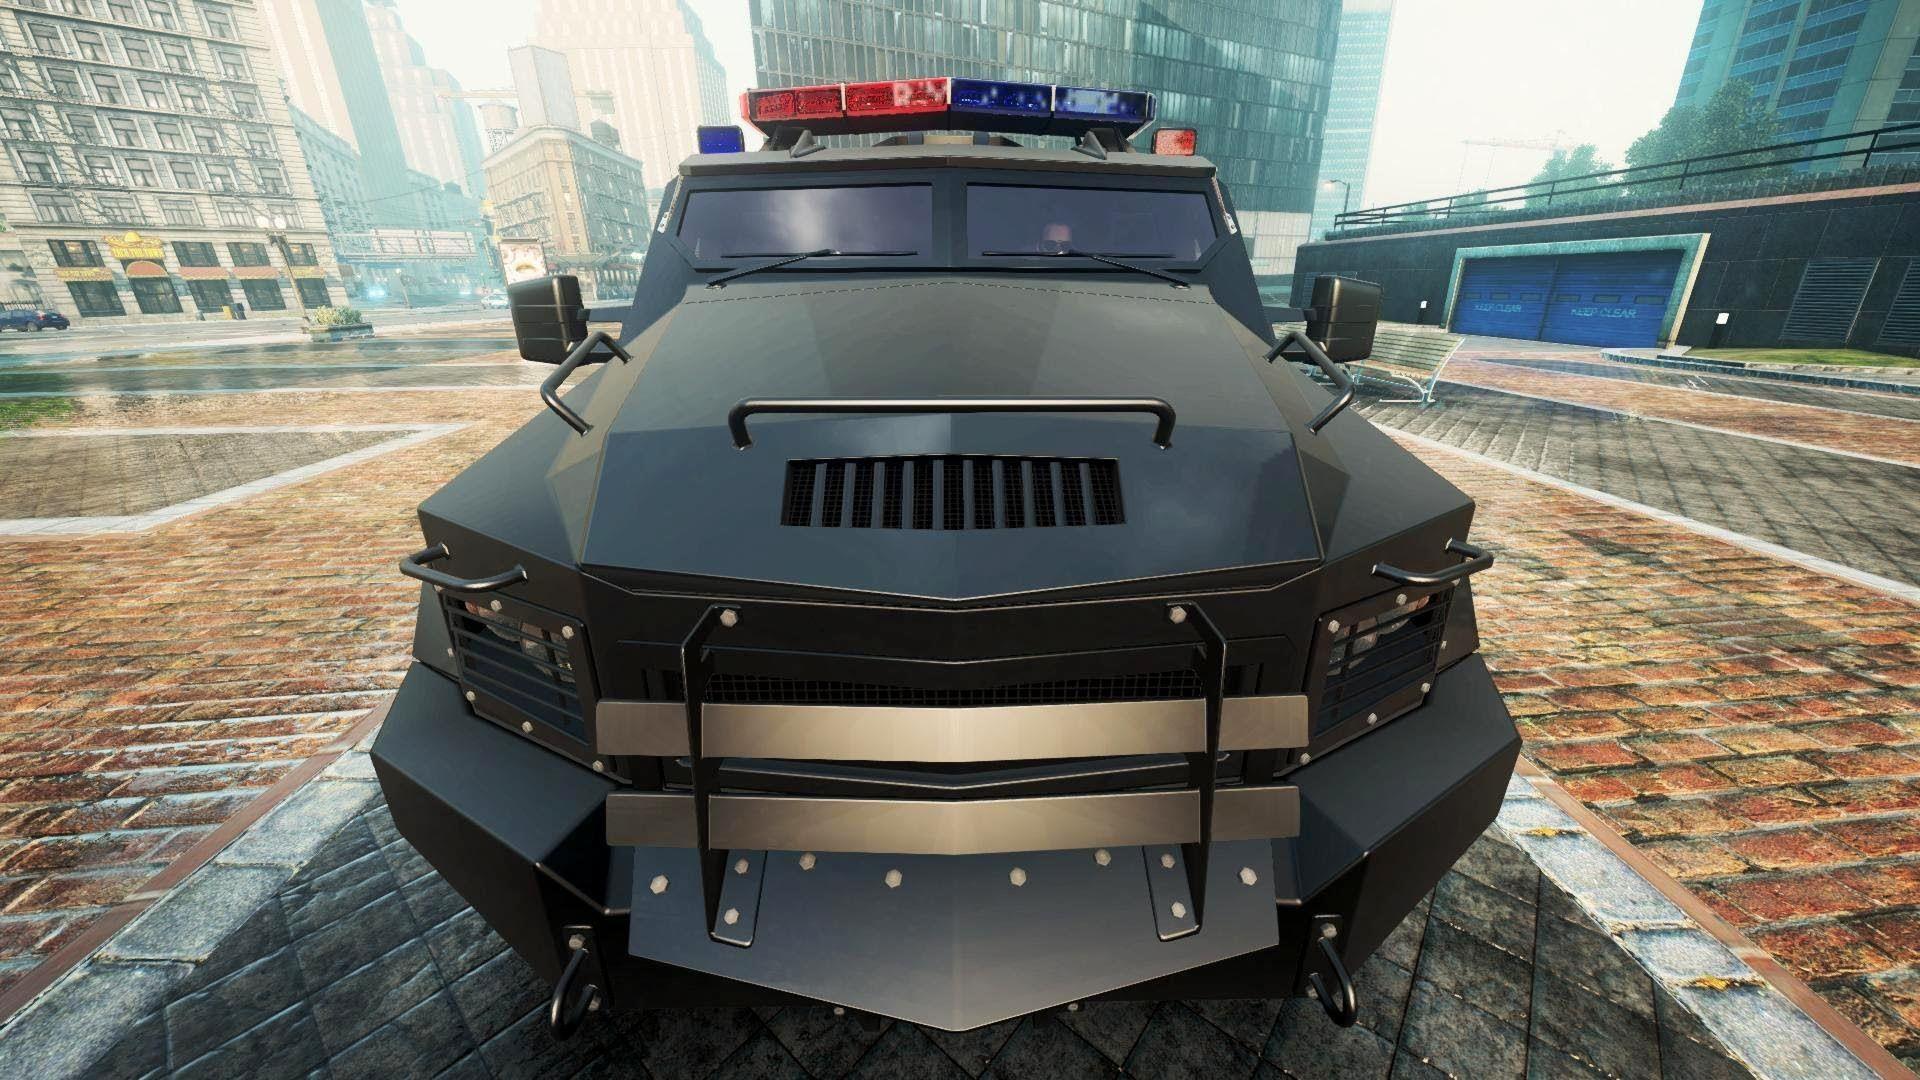 swat truck wallpapers hd obaasimacom best games